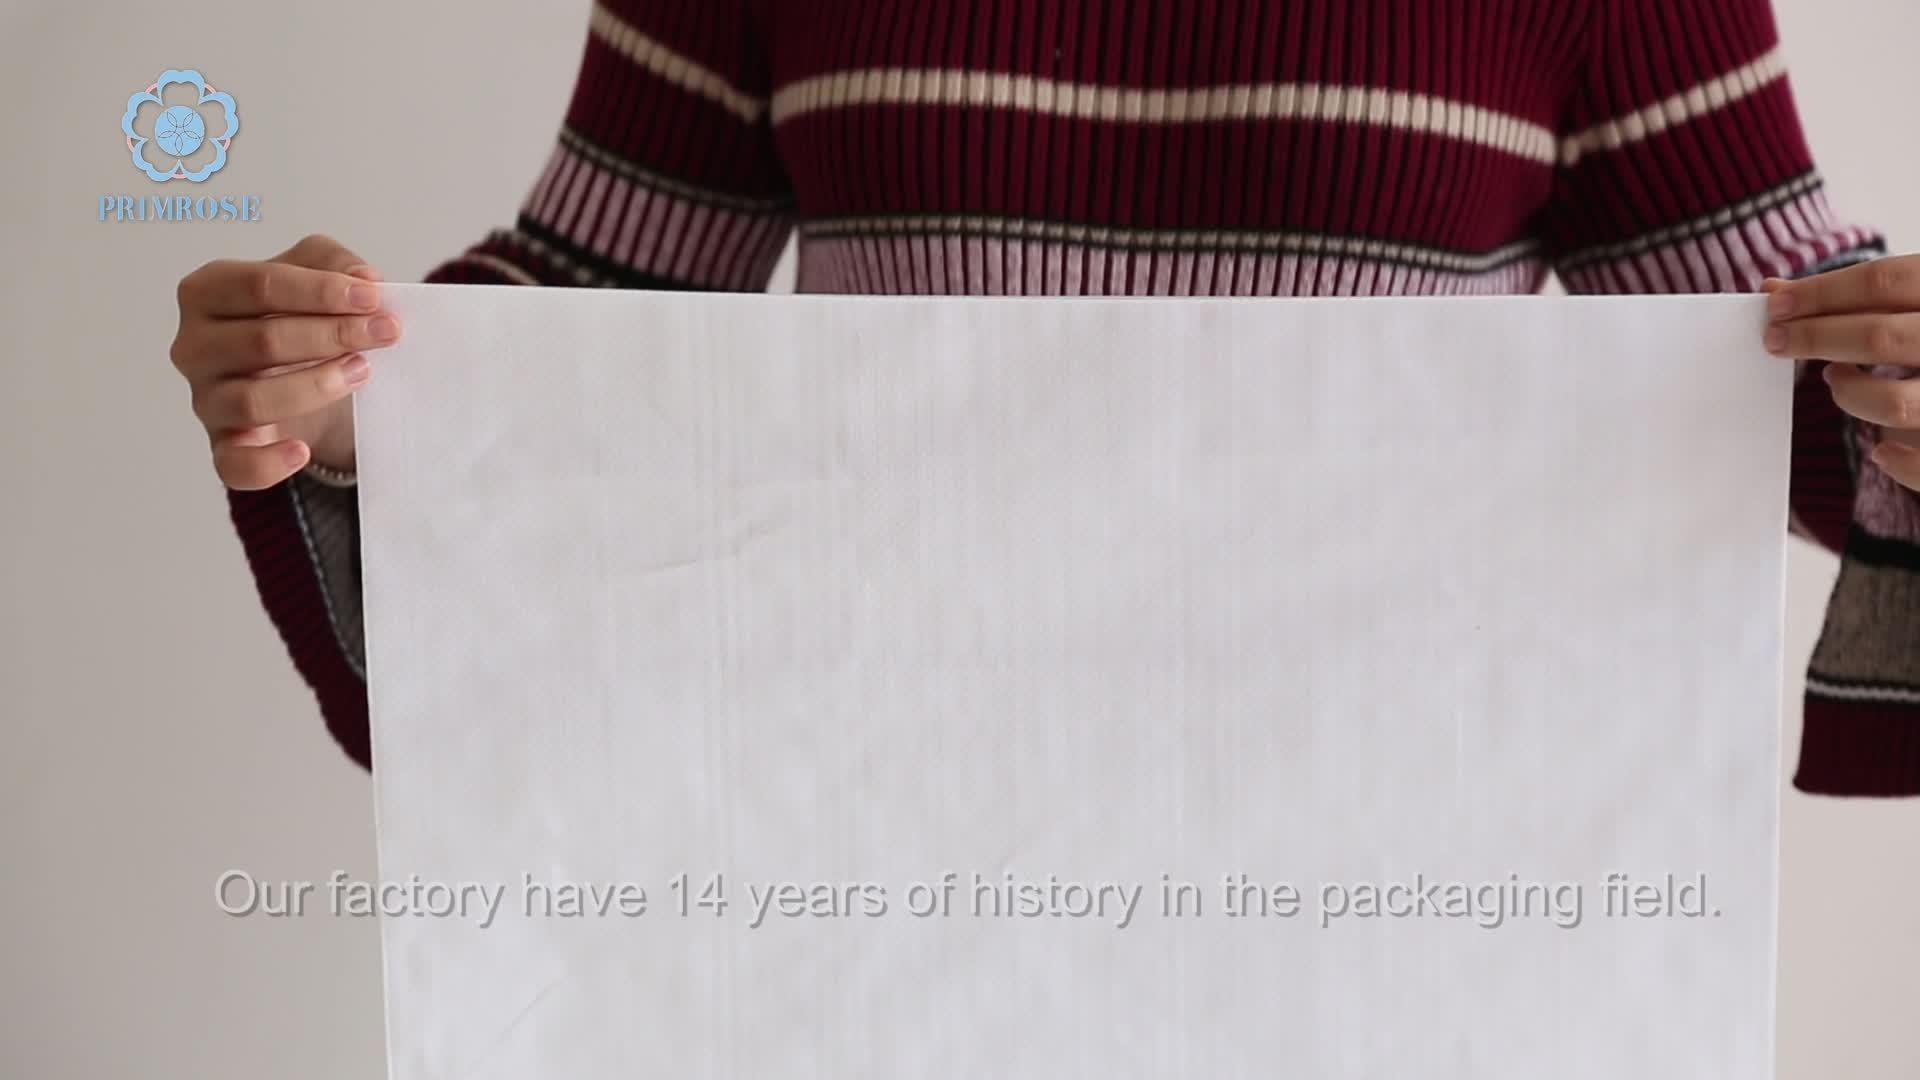 पीपी बुना polypropylene पृथ्वी पशु चिकन पशु फ़ीड पैकेजिंग बैग प्लास्टिक बैग 50 kg